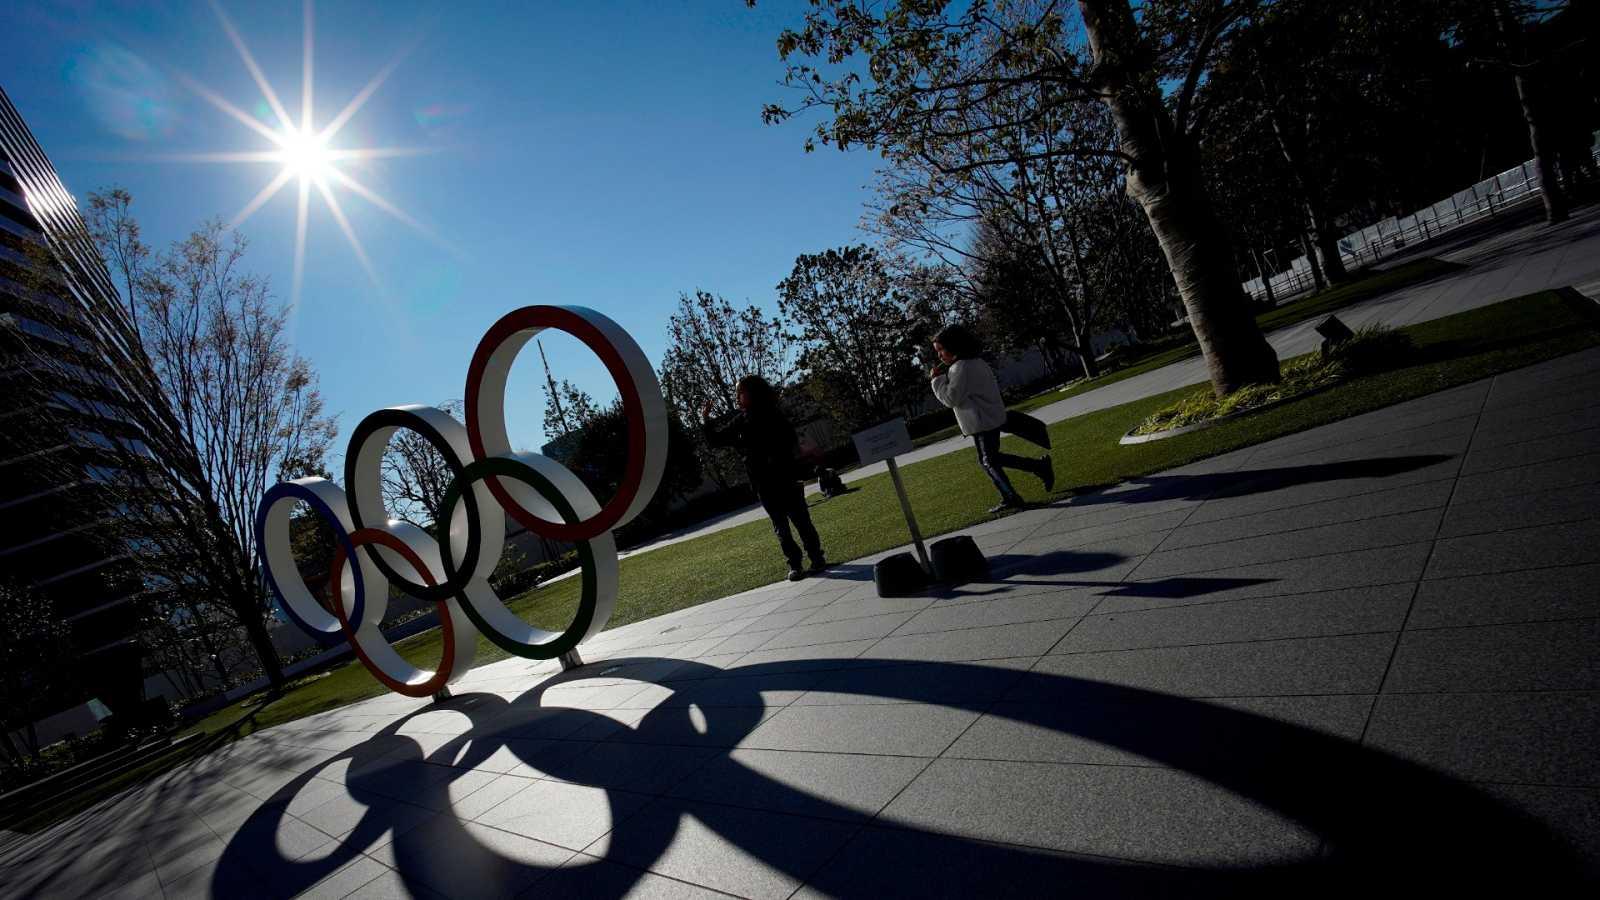 Los Juegos Olímpicos se disputarán entre el 23 de Julio y el 8 de Agosto de 2021